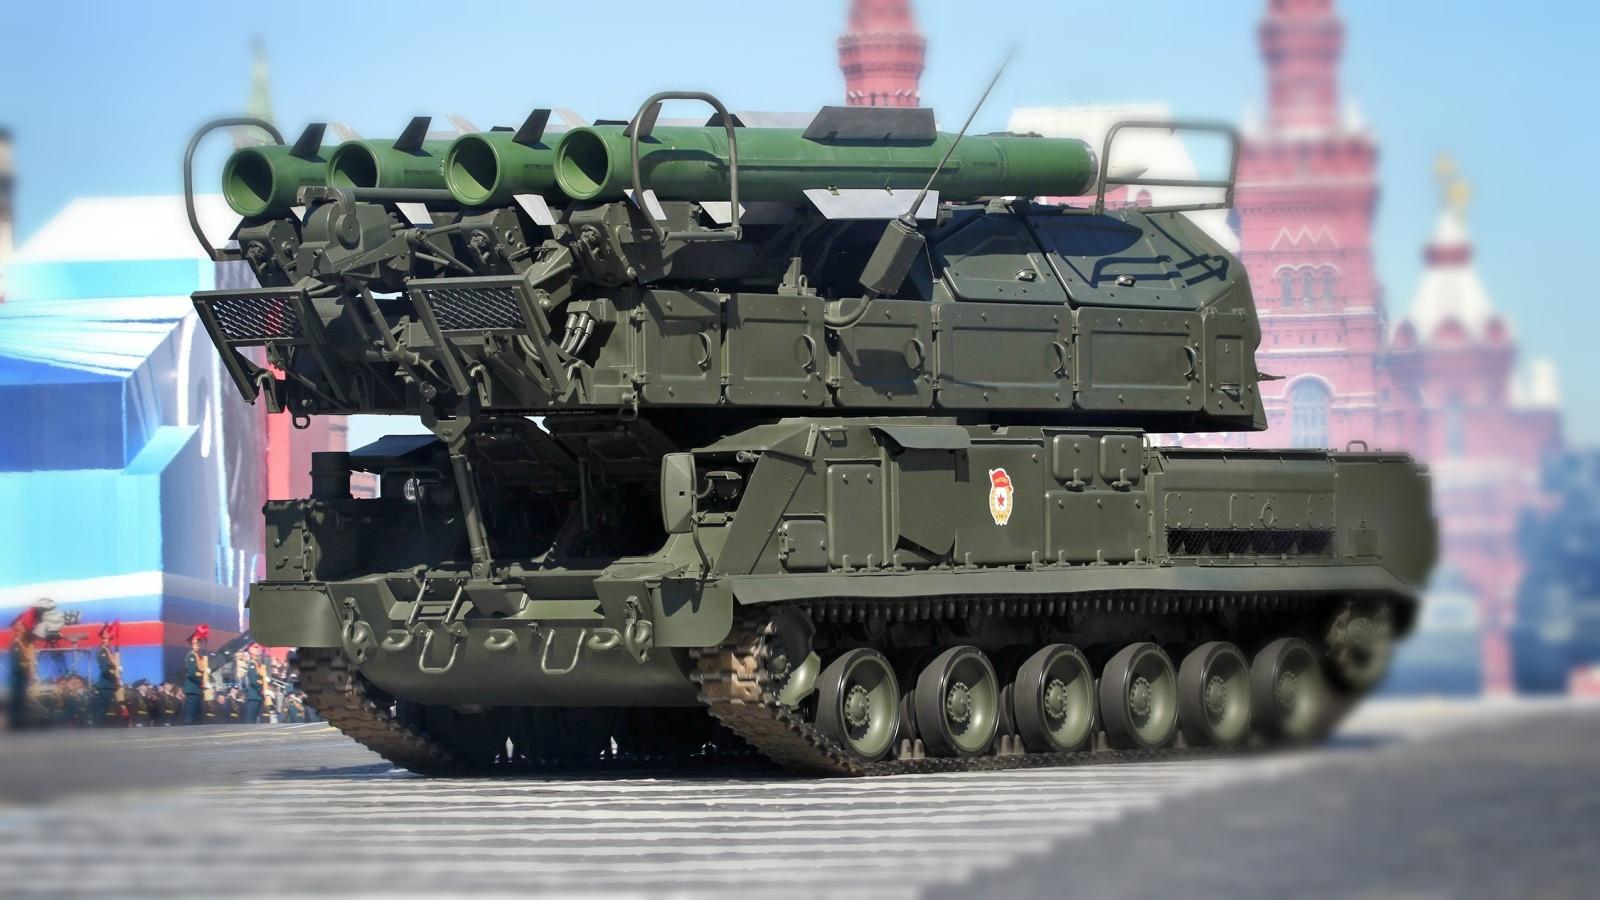 зенитно-ракетный комплекс БУК -2м